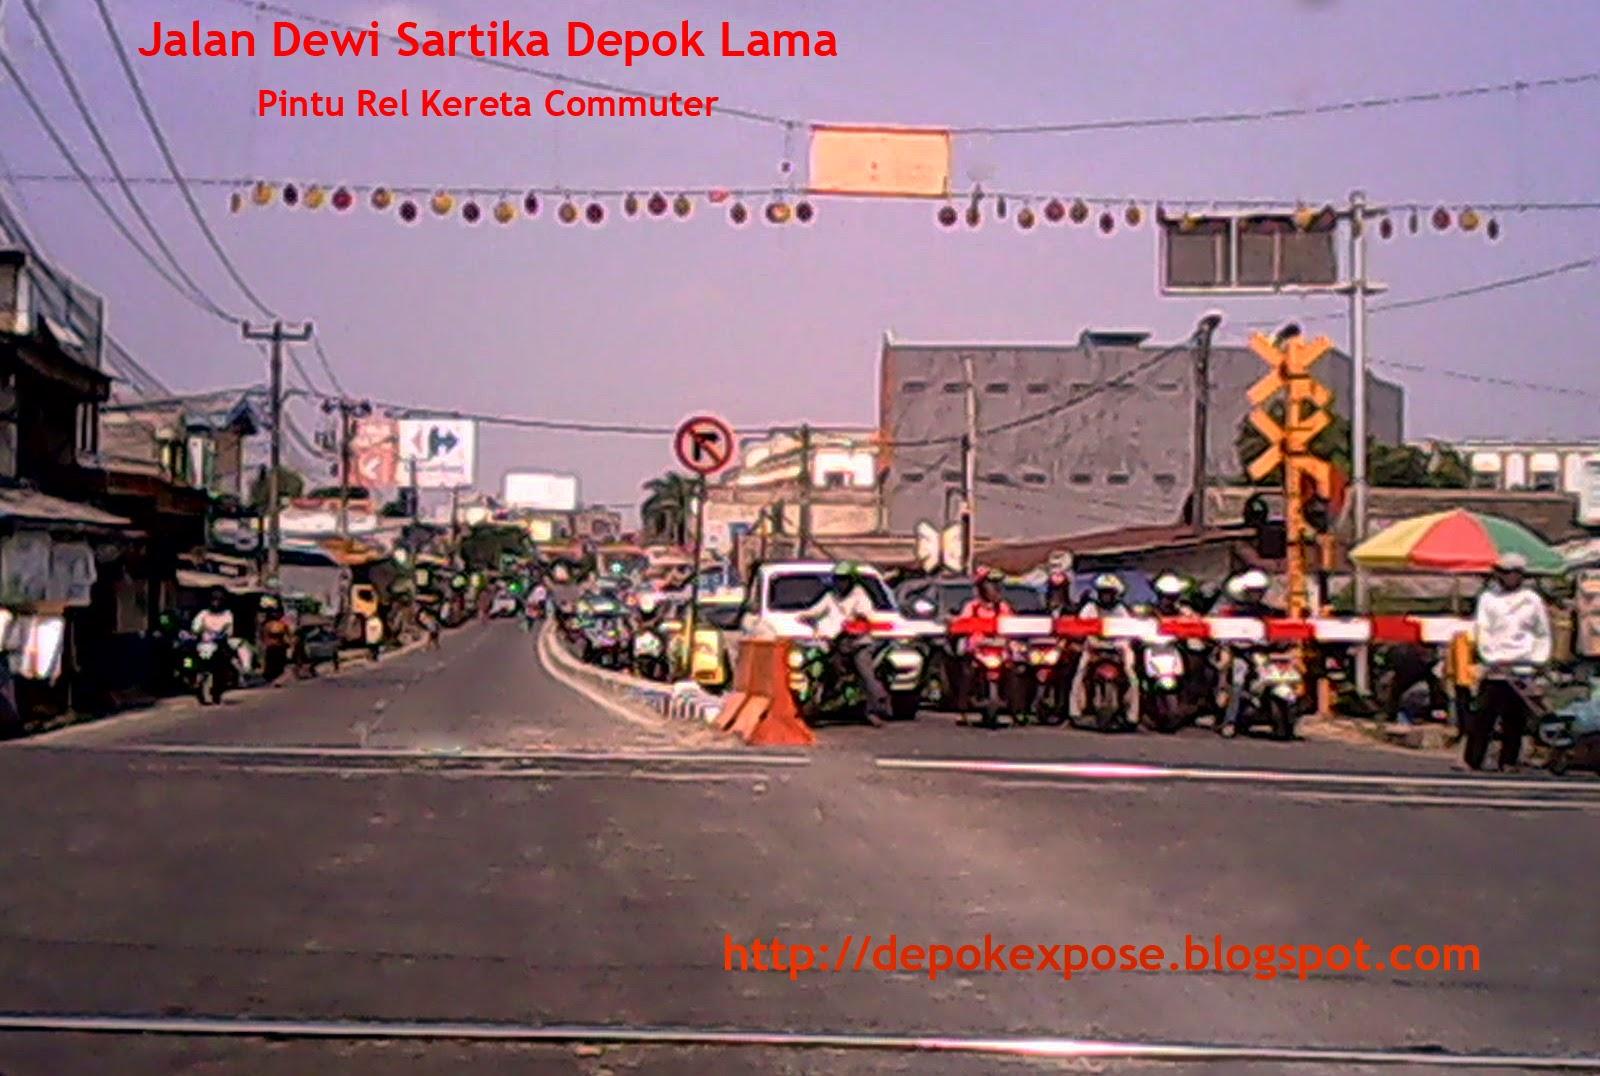 depok expose: january 2015